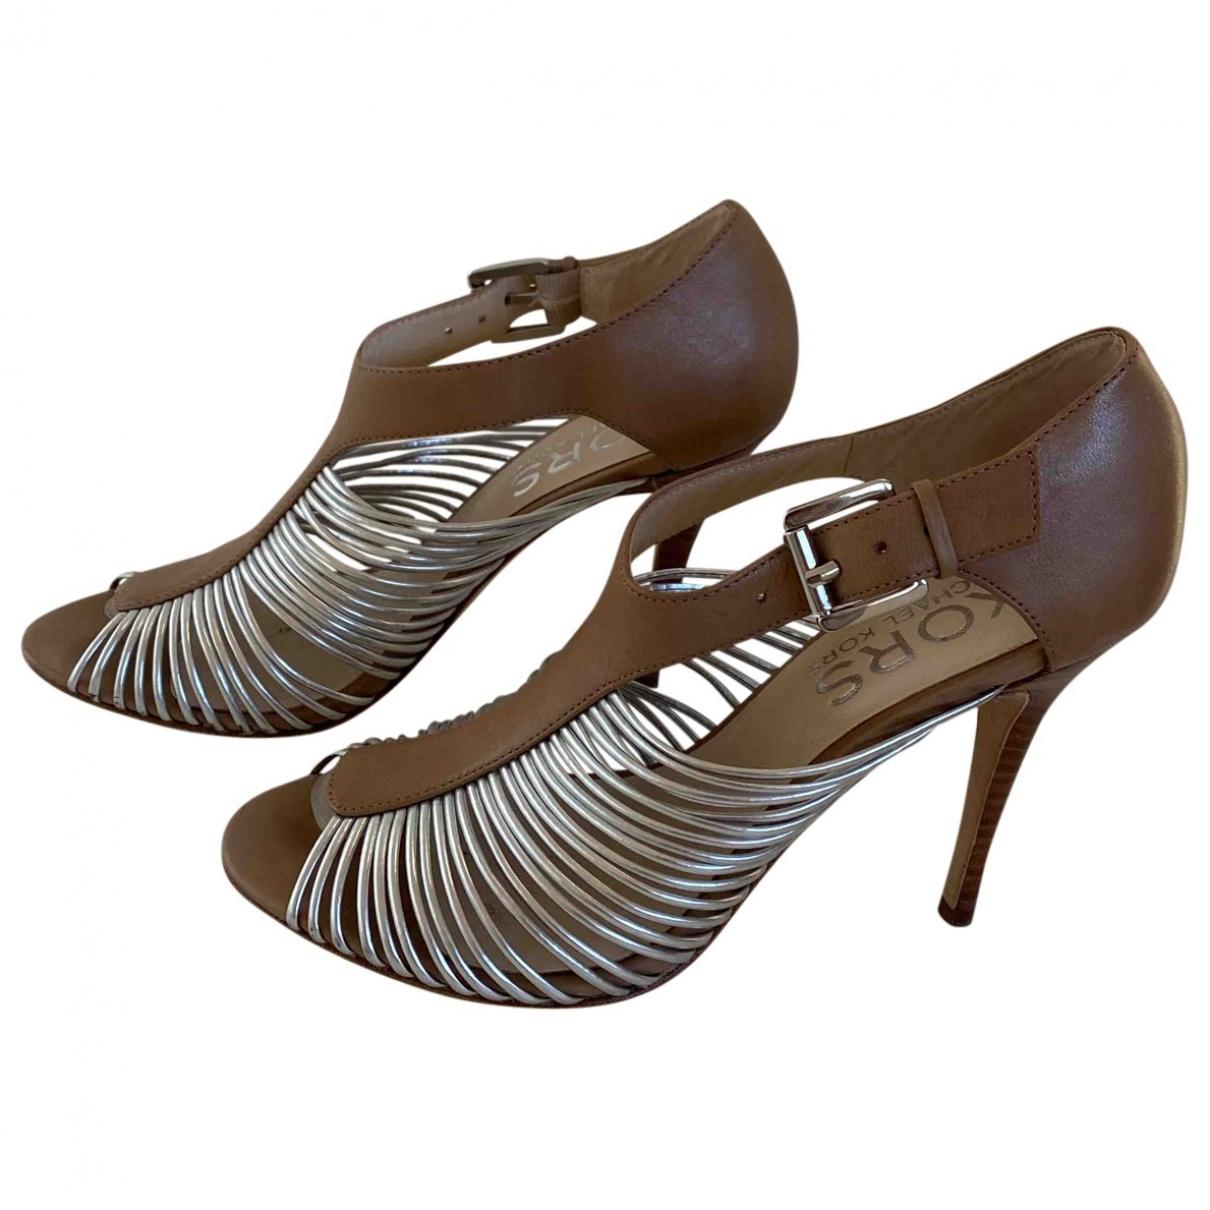 Michael Kors - Sandales   pour femme en cuir - beige